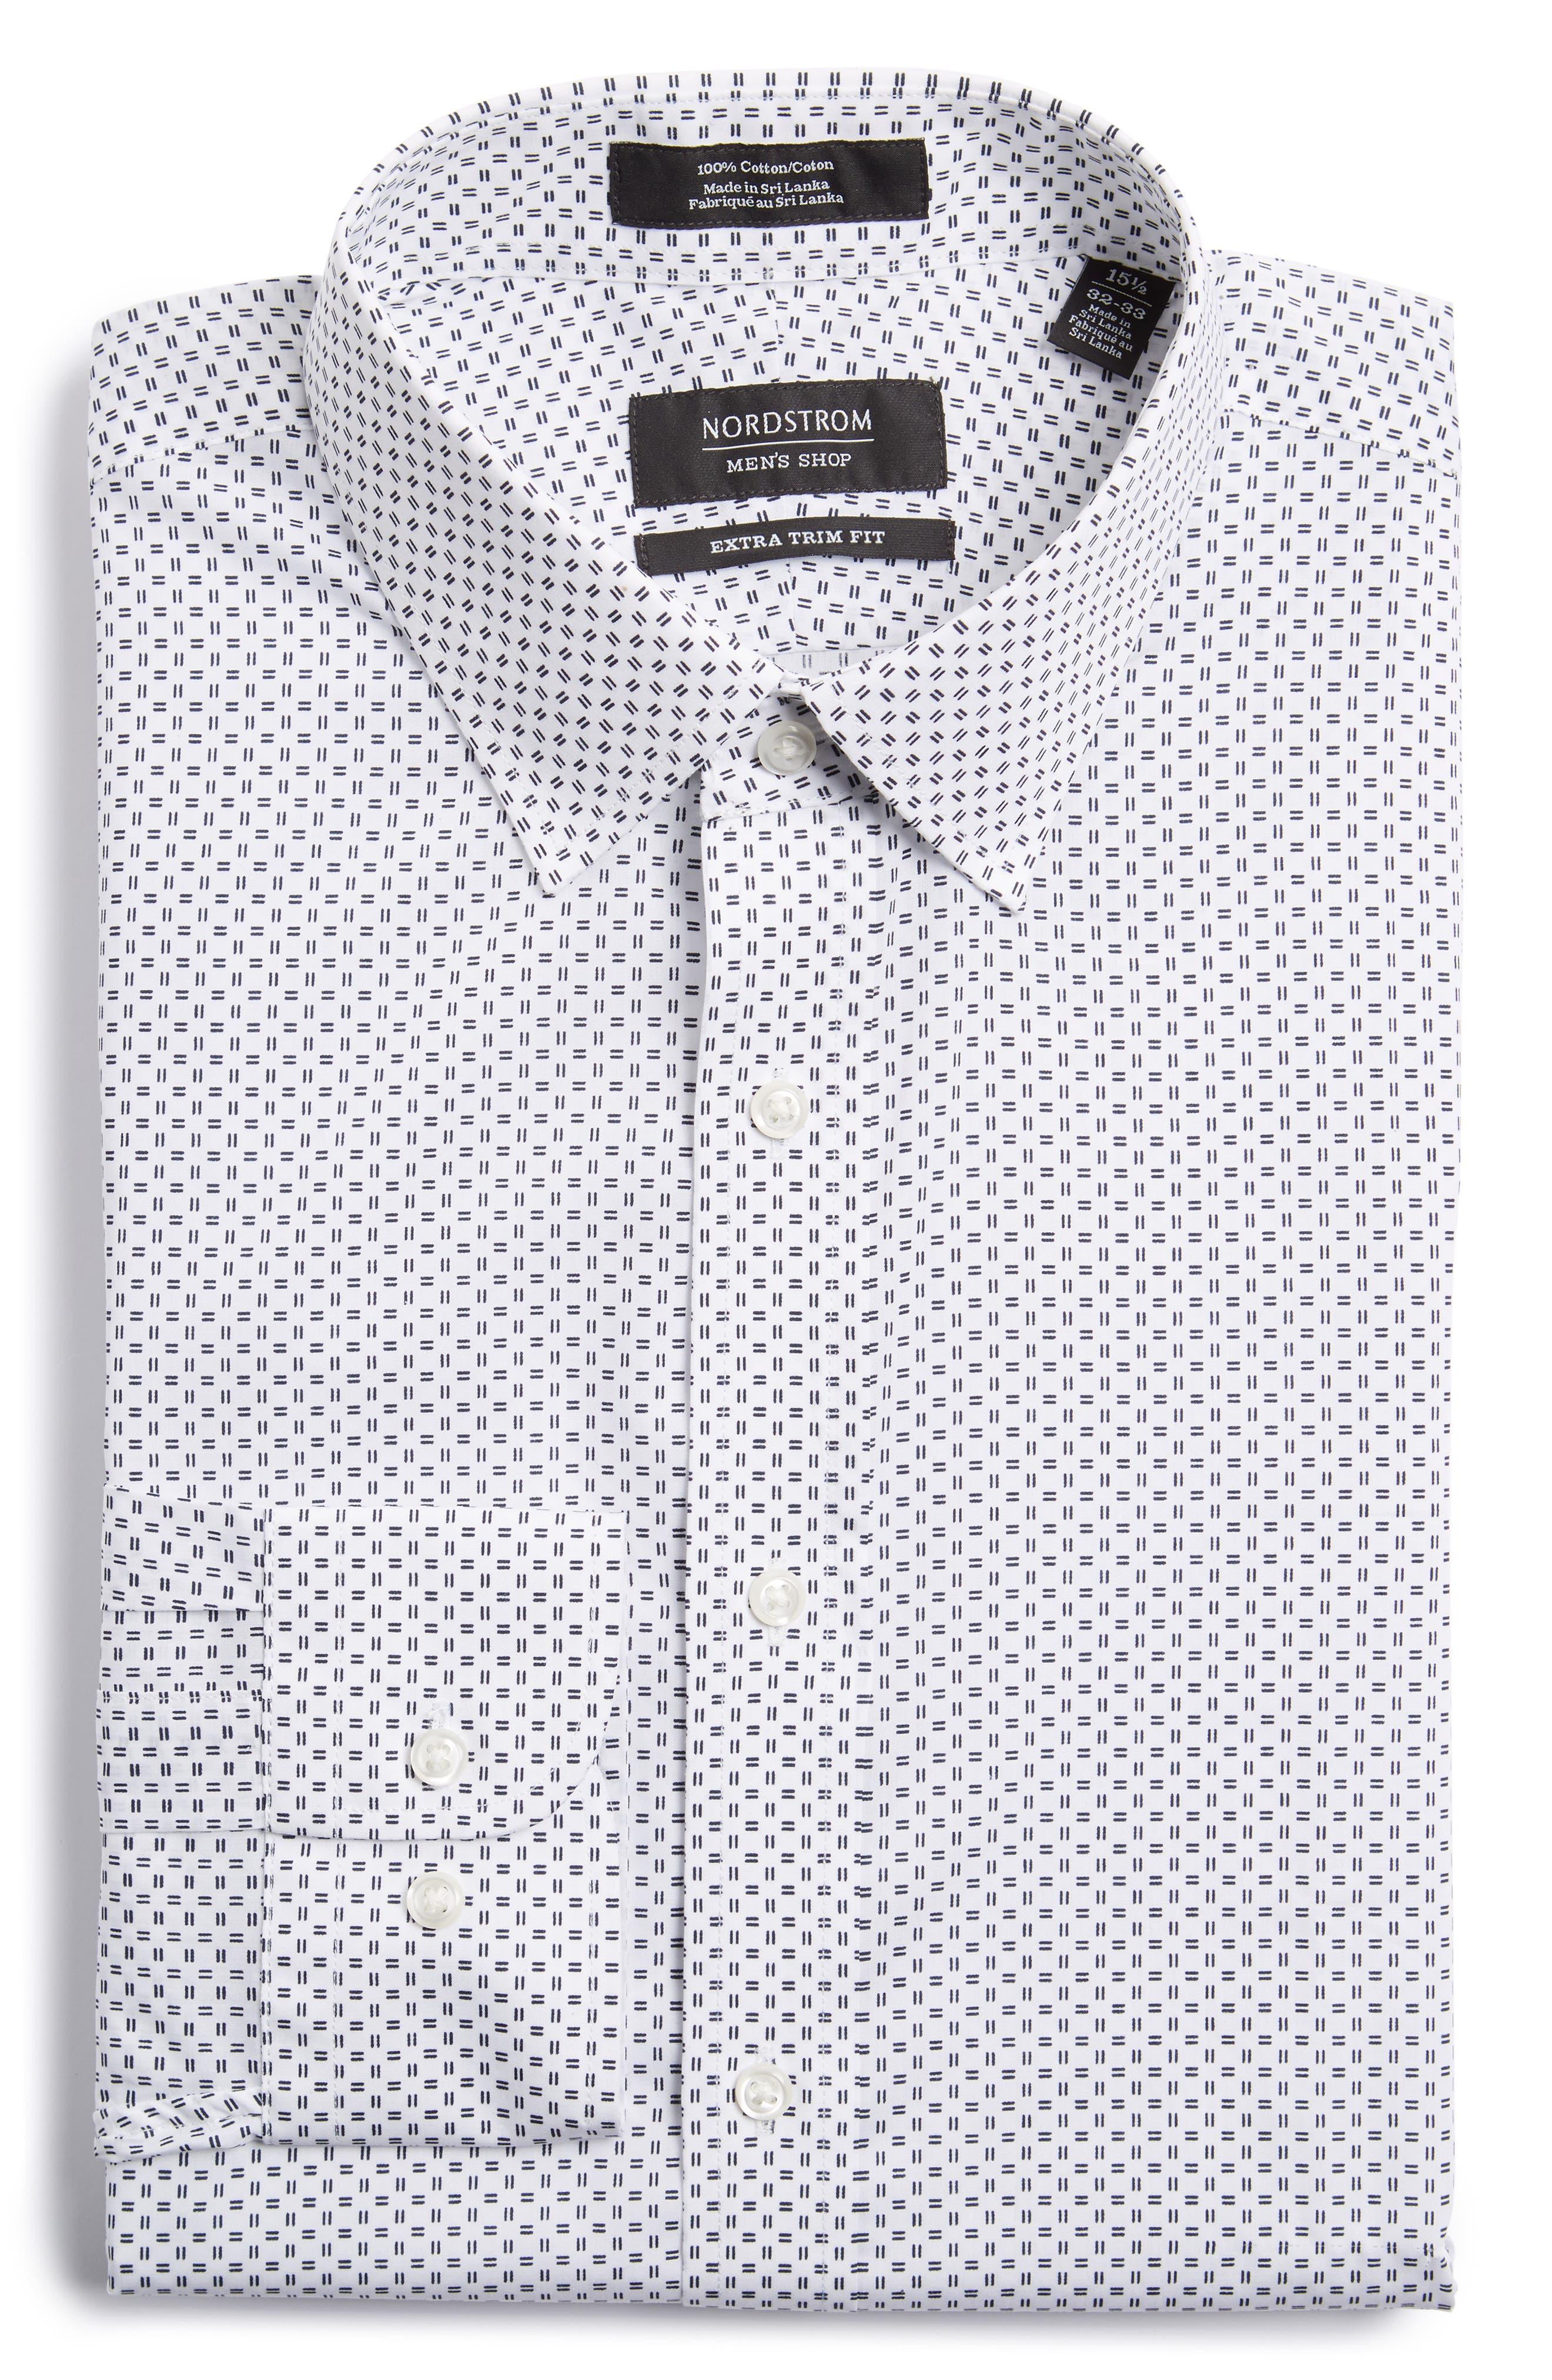 Alternate Image 1 Selected - Nordstrom Men's Shop Extra Trim Fit Dress Shirt